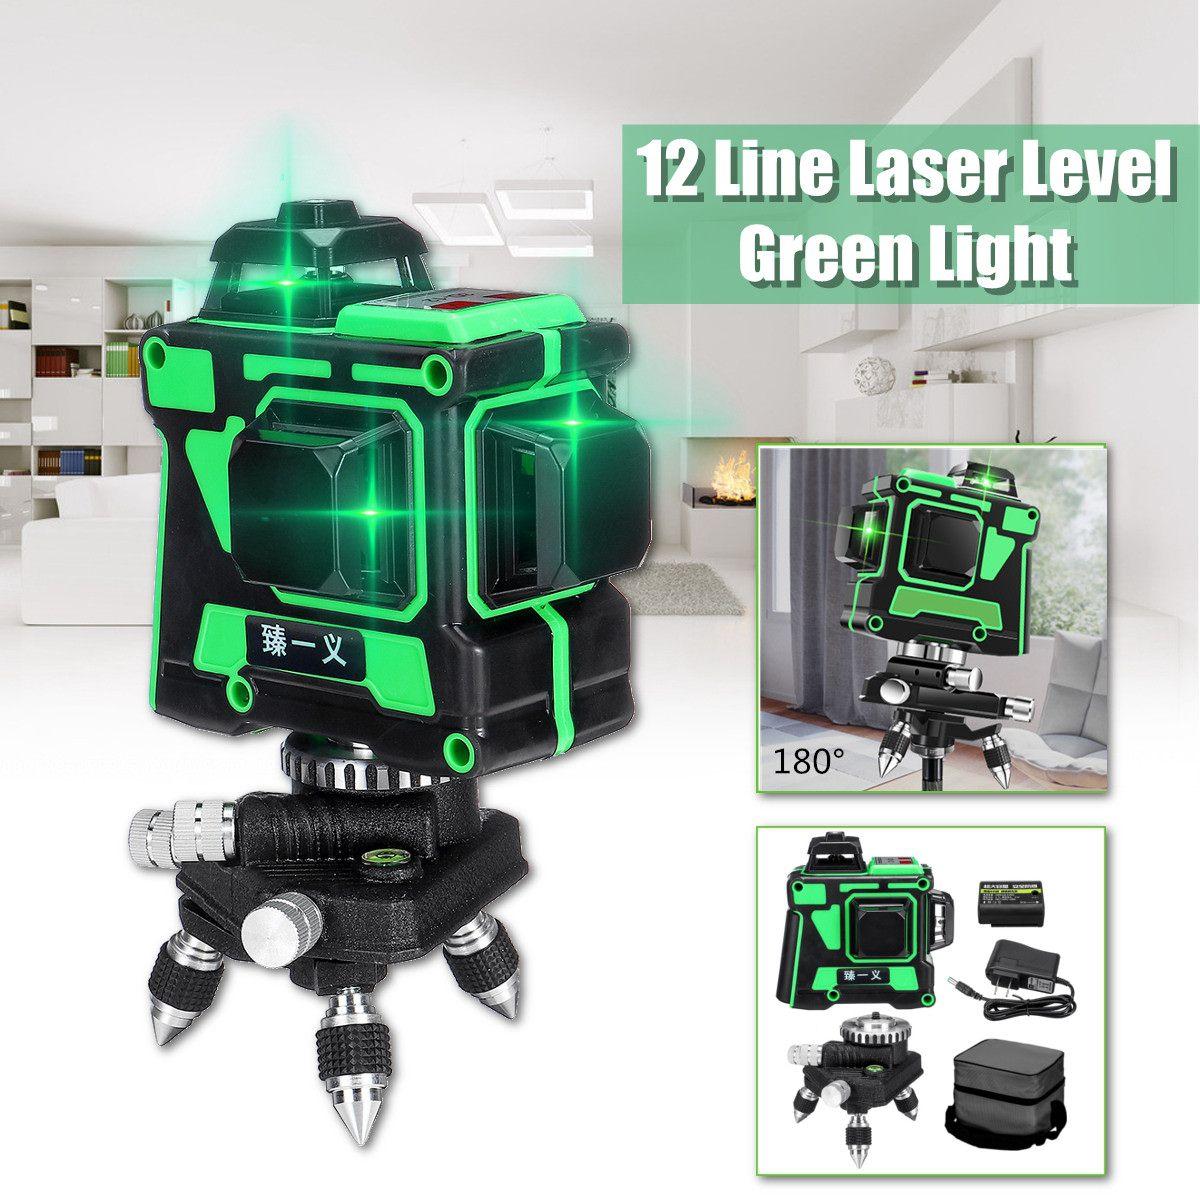 3D 12 Linhas Níveis Laser 360 Auto Nivelamento Horizontal e Vertical Ajustável Cruz Feixe de Laser Verde À Prova D' Água Equipamentos De Medição